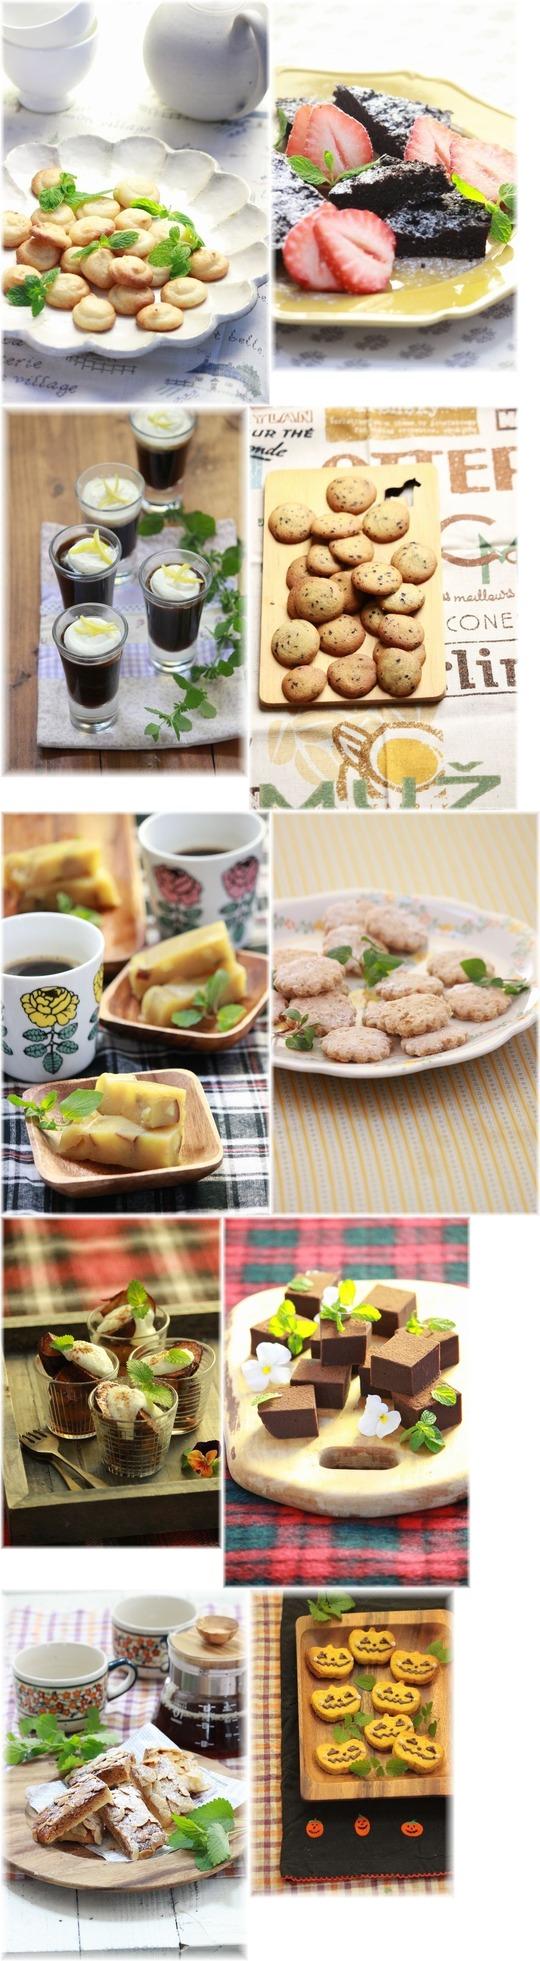 【まとめ】急に秋の風になりました。秋においしいお茶のおとも 10recipes と 夏休みの待ち合わせ。